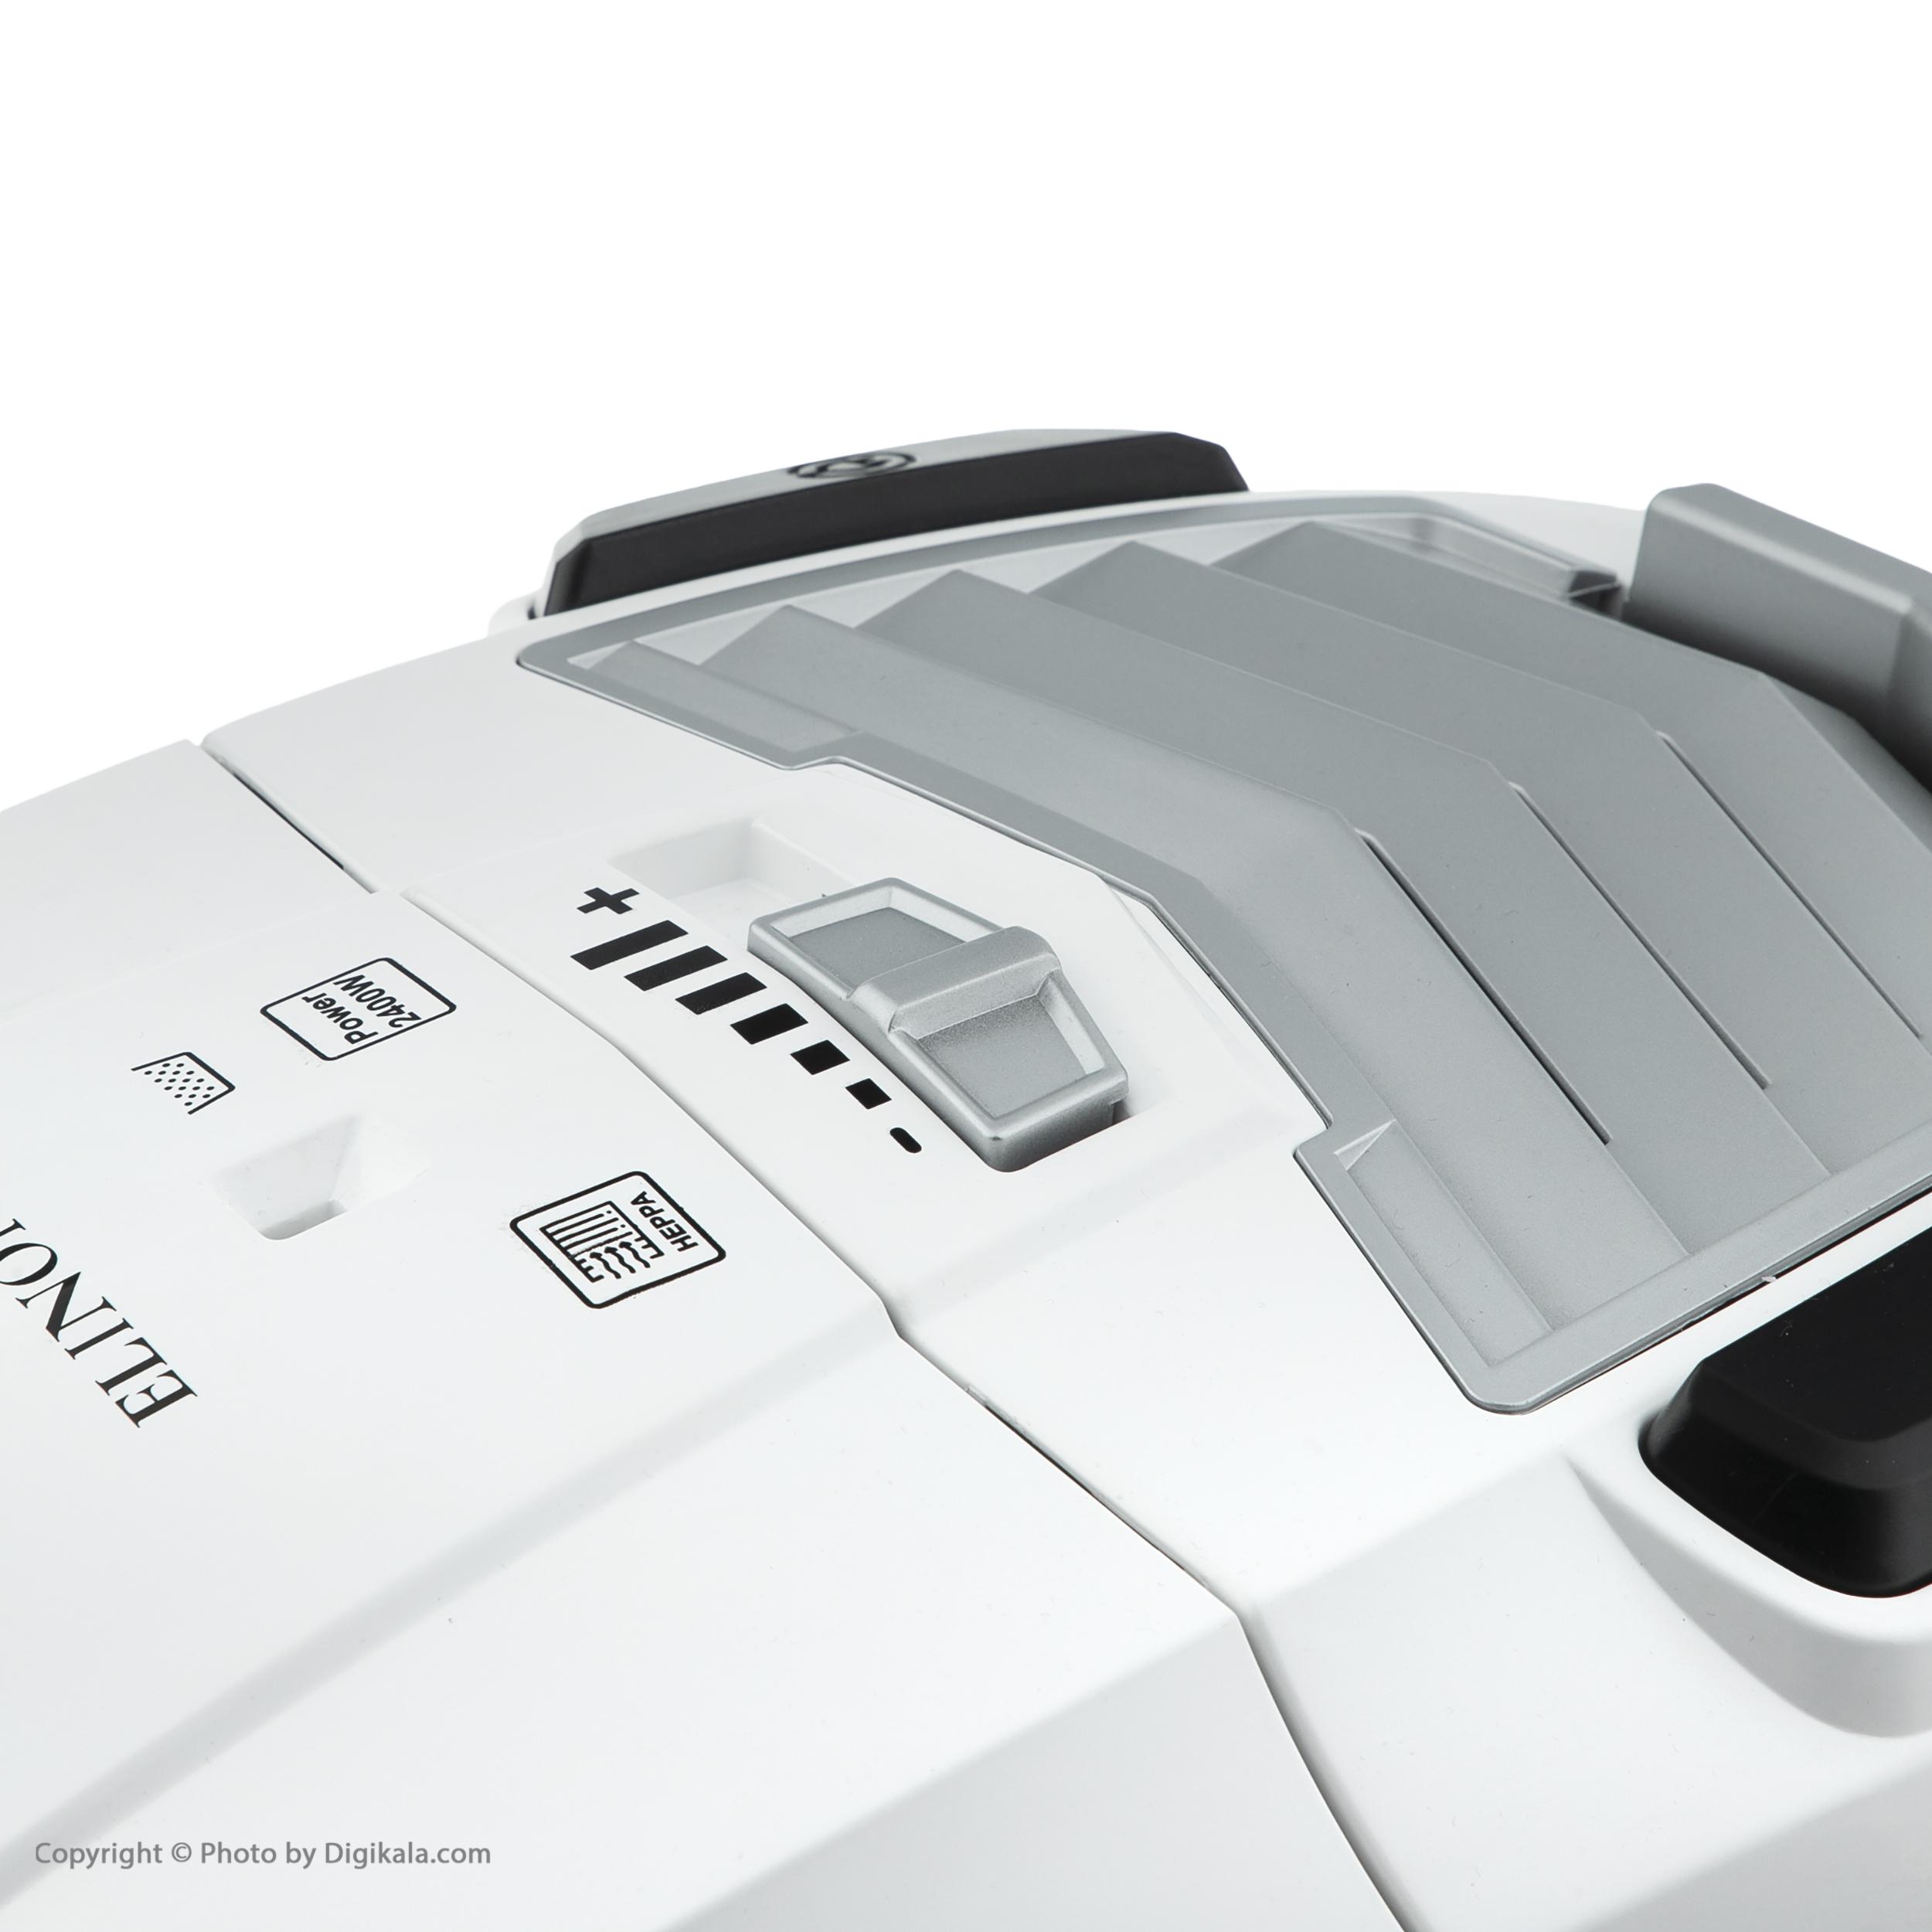 جاروبرقی الینور مدل evc-3000